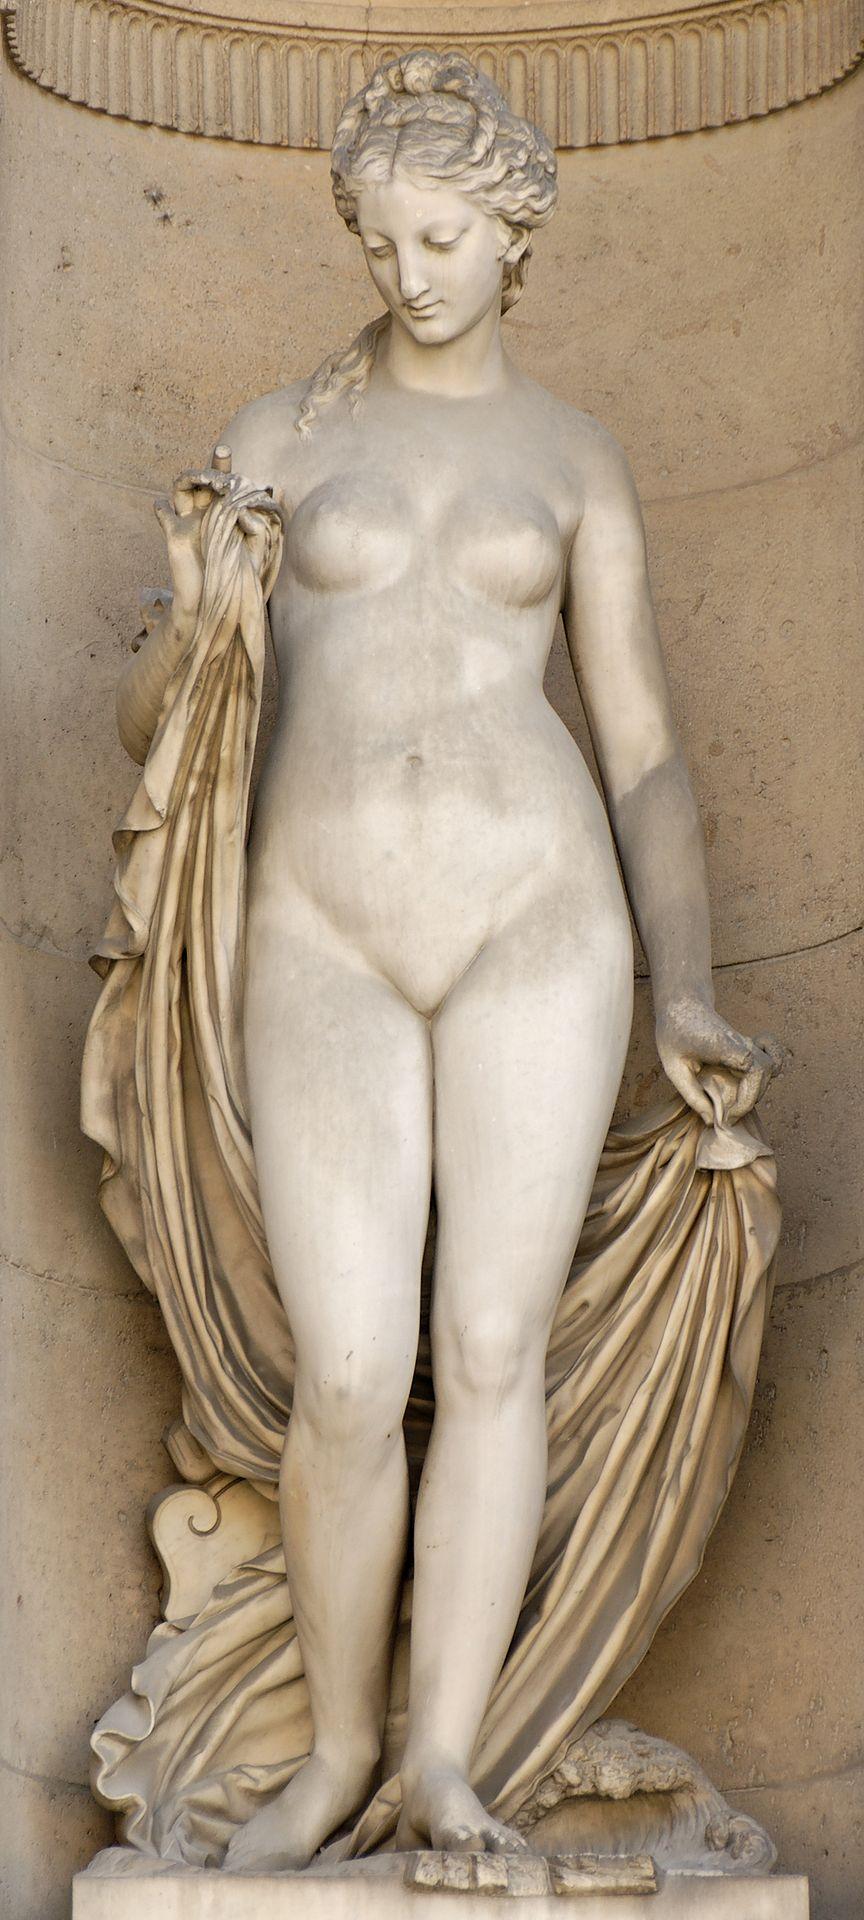 864px-Leucothea_Allasseur_cour_Carree_Louvre.jpg